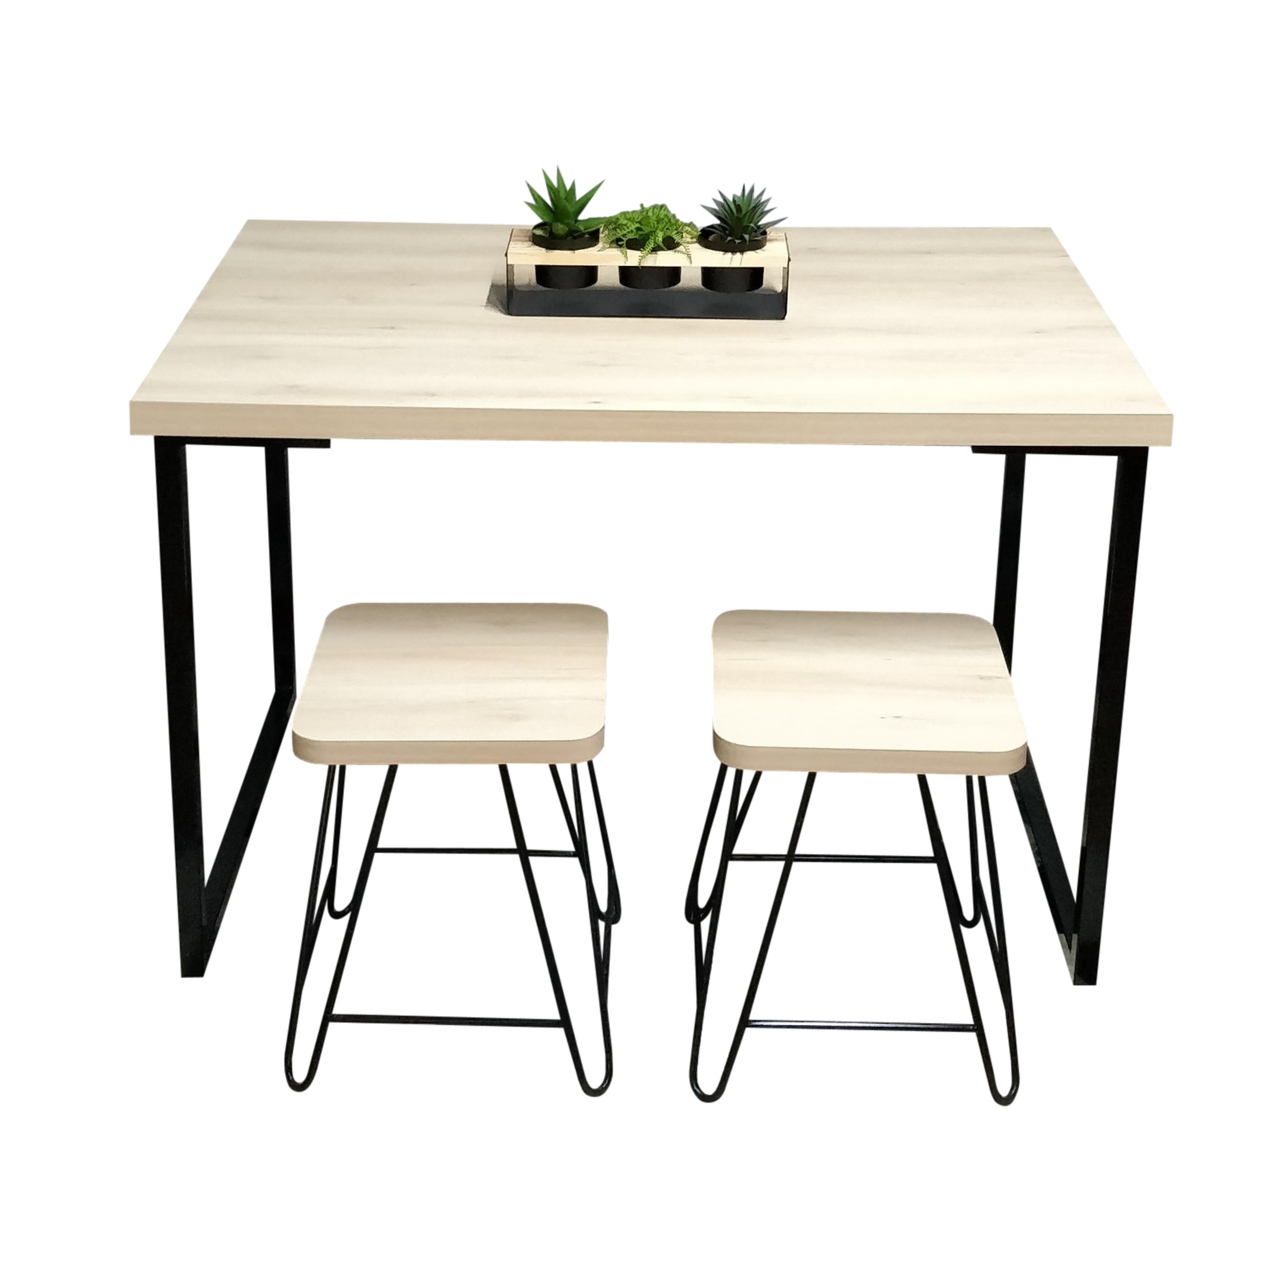 Mesa de Jantar com 2 Banquinhos Faia com Squared Legs e Tampo 100% MDF